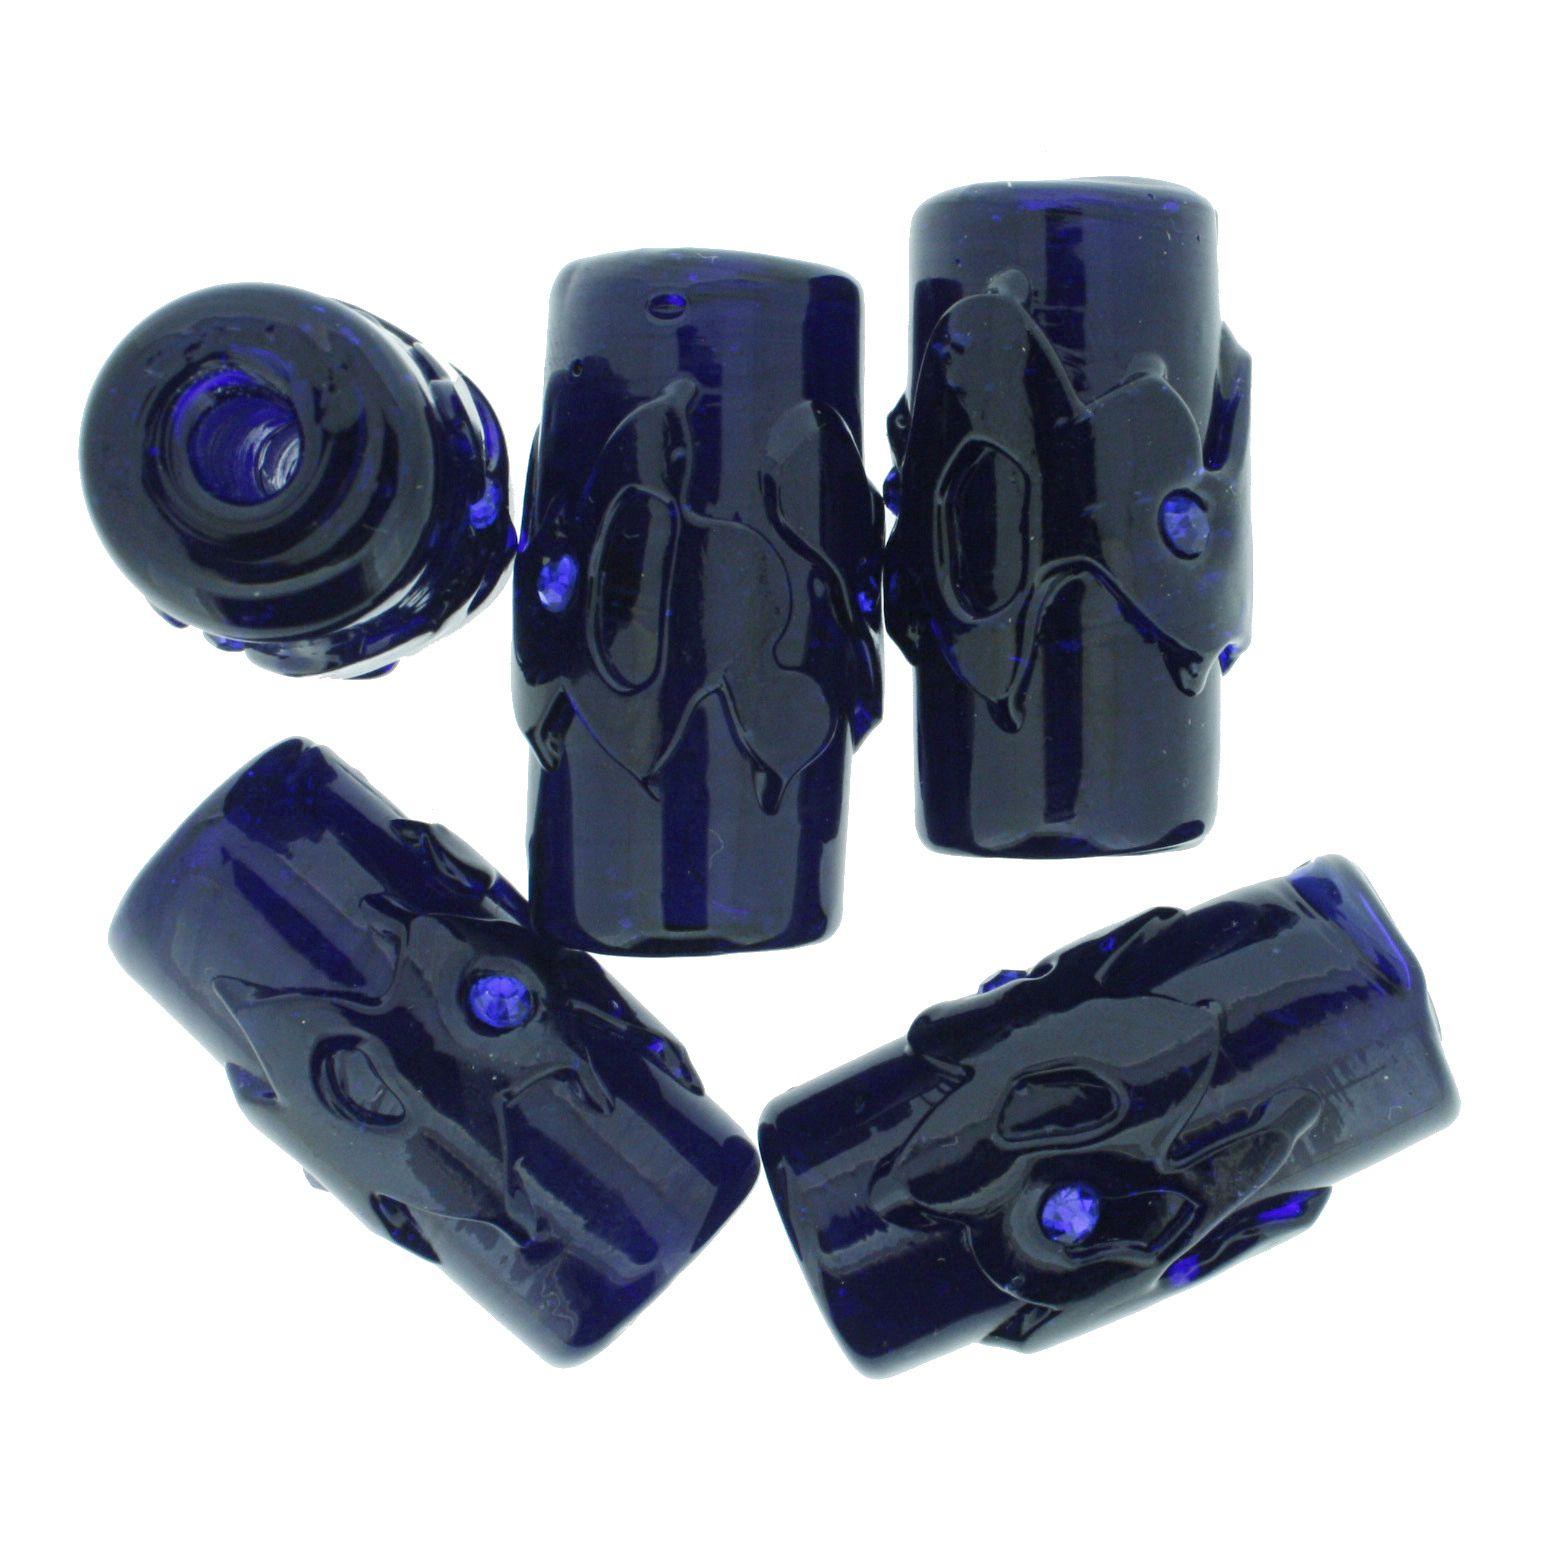 Firmas Strass GG - Azul Escuro Transparente  - Stéphanie Bijoux® - Peças para Bijuterias e Artesanato